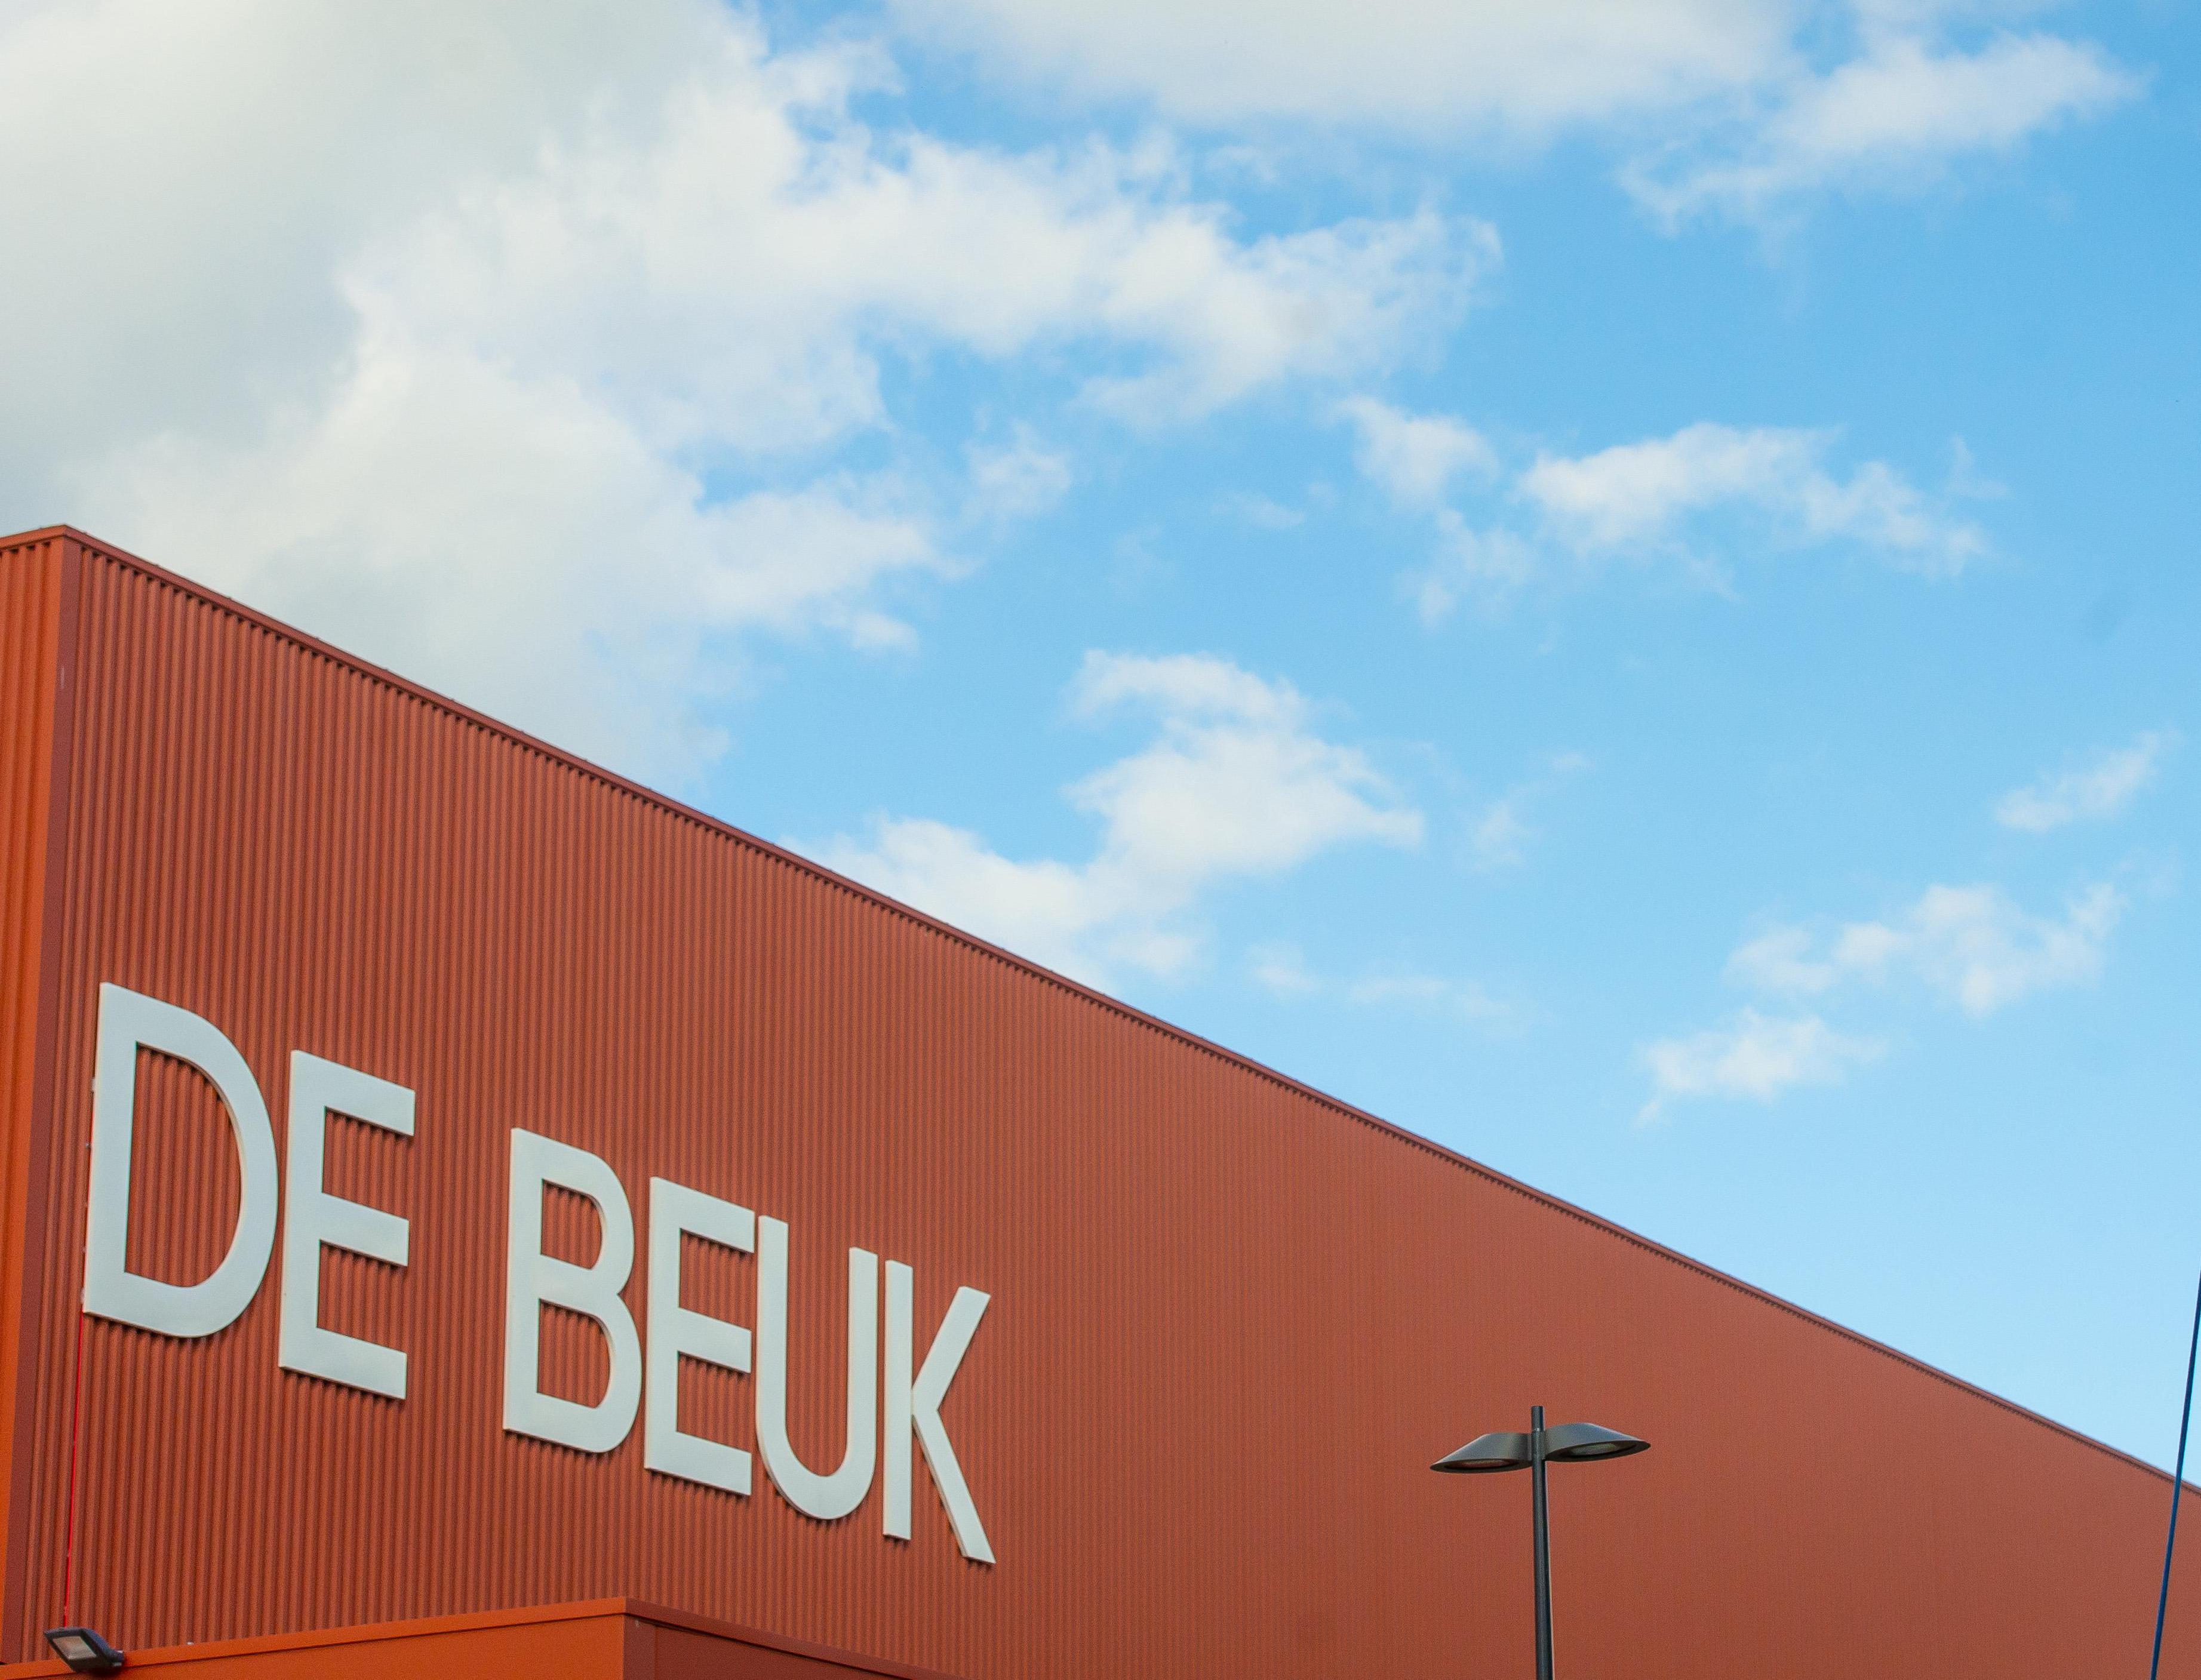 Grieppatiënten moeten naar sporthal De Beuk in Purmerend of sportcentrum De Koog in Koog aan de Zaan: 'Huisartsen willen te grote druk op praktijk voor zijn'